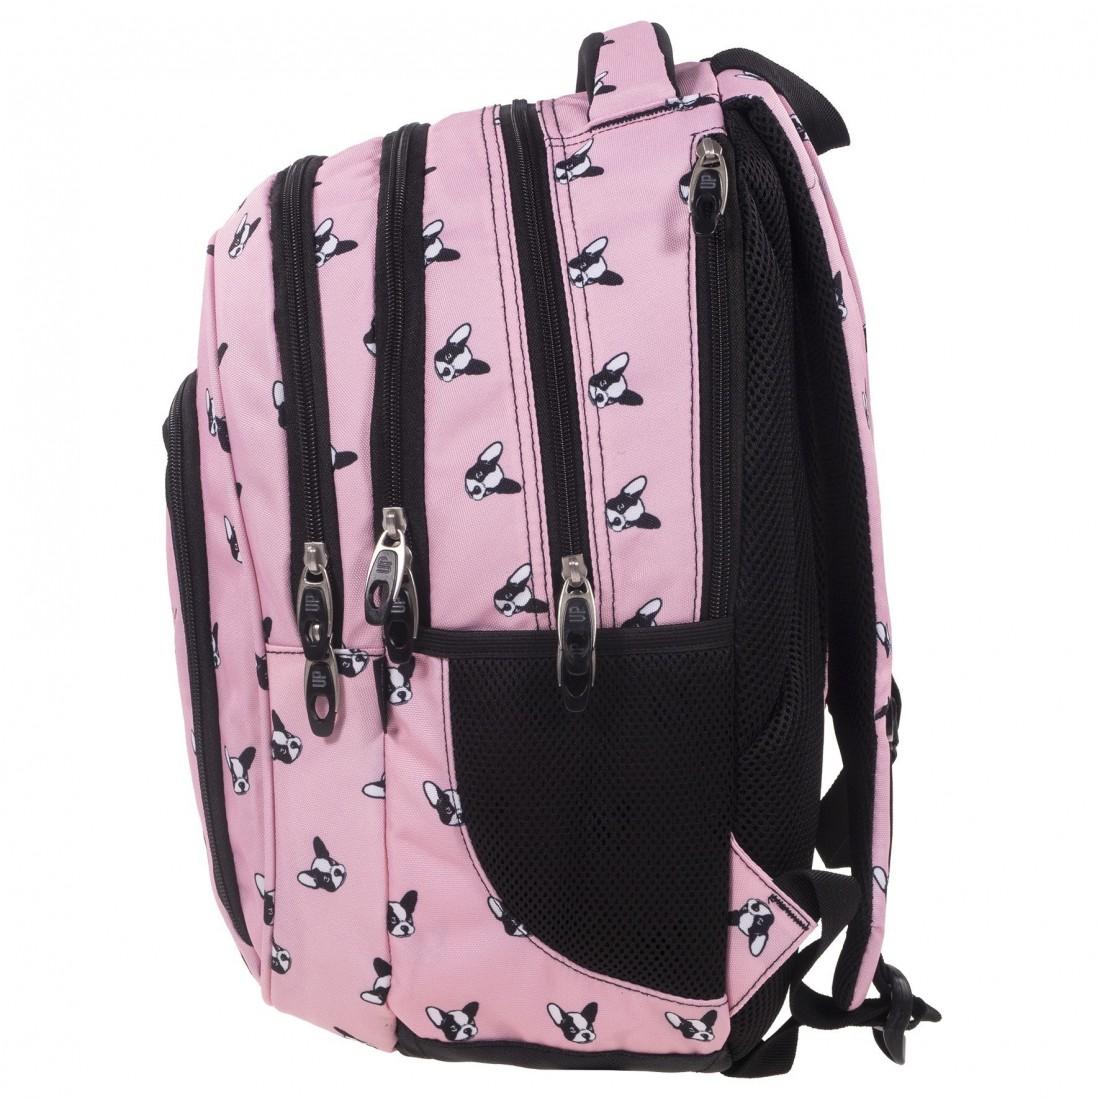 c77e3e0547fee ... Plecaki BackUP · Plecak szkolny pudrowy róż w pieski - buldogi BackUP D  17 + GRATIS słuchawki. Obniżka